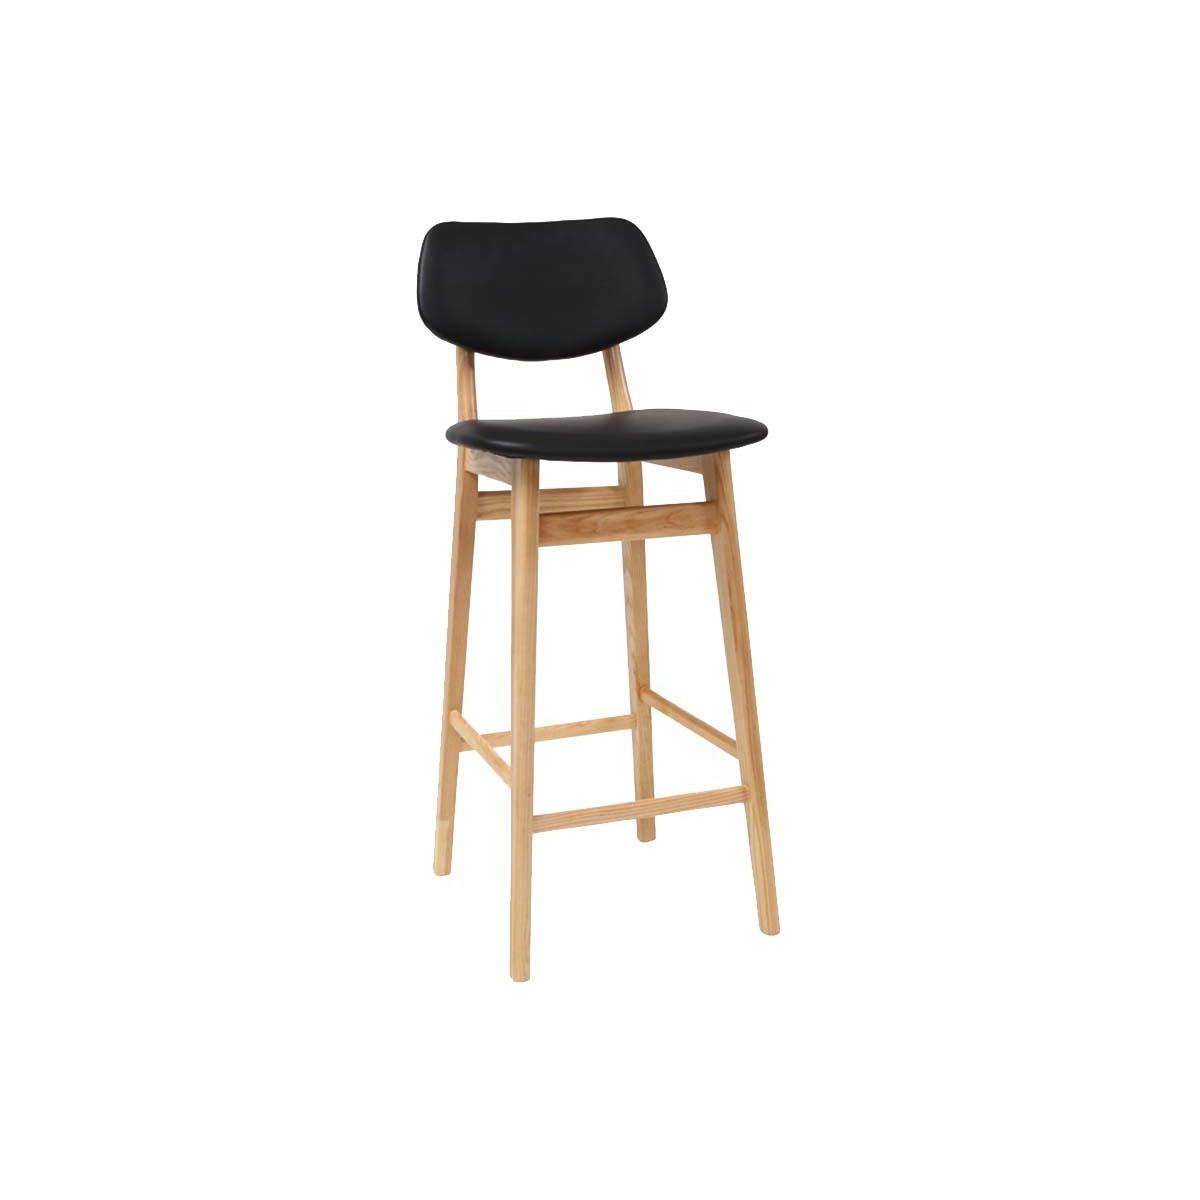 Image of Chaise de bar design noire et bois naturel 75 cm NORDECO